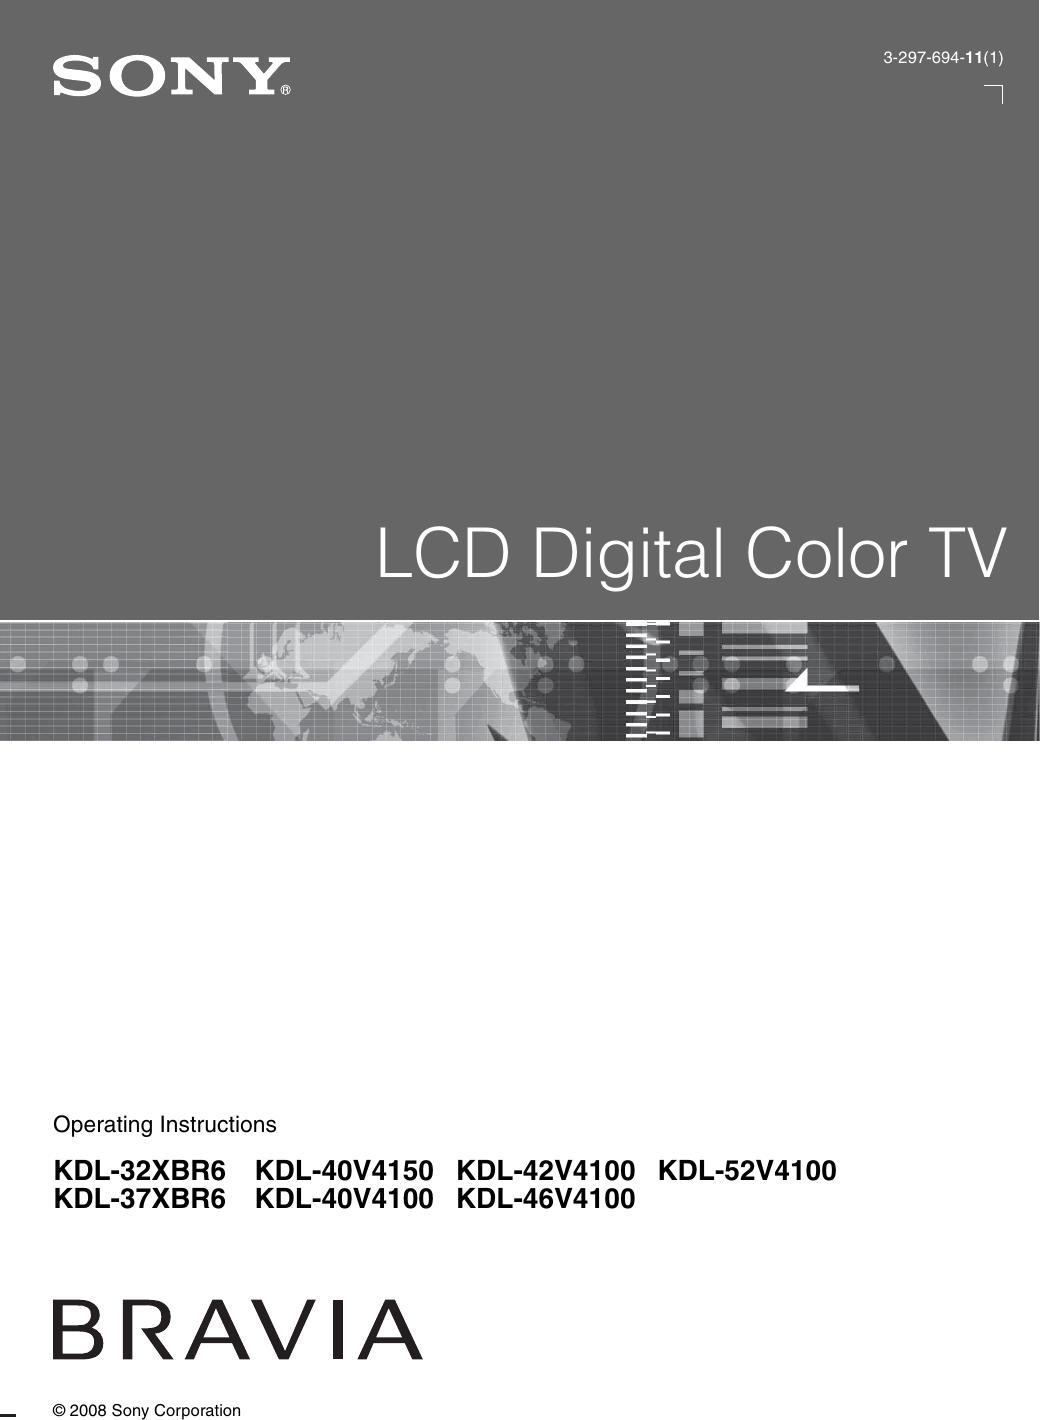 Sony Bravia Kdl 32Xbr6 Users Manual 32XBR6/KDL 37XBR6/KDL